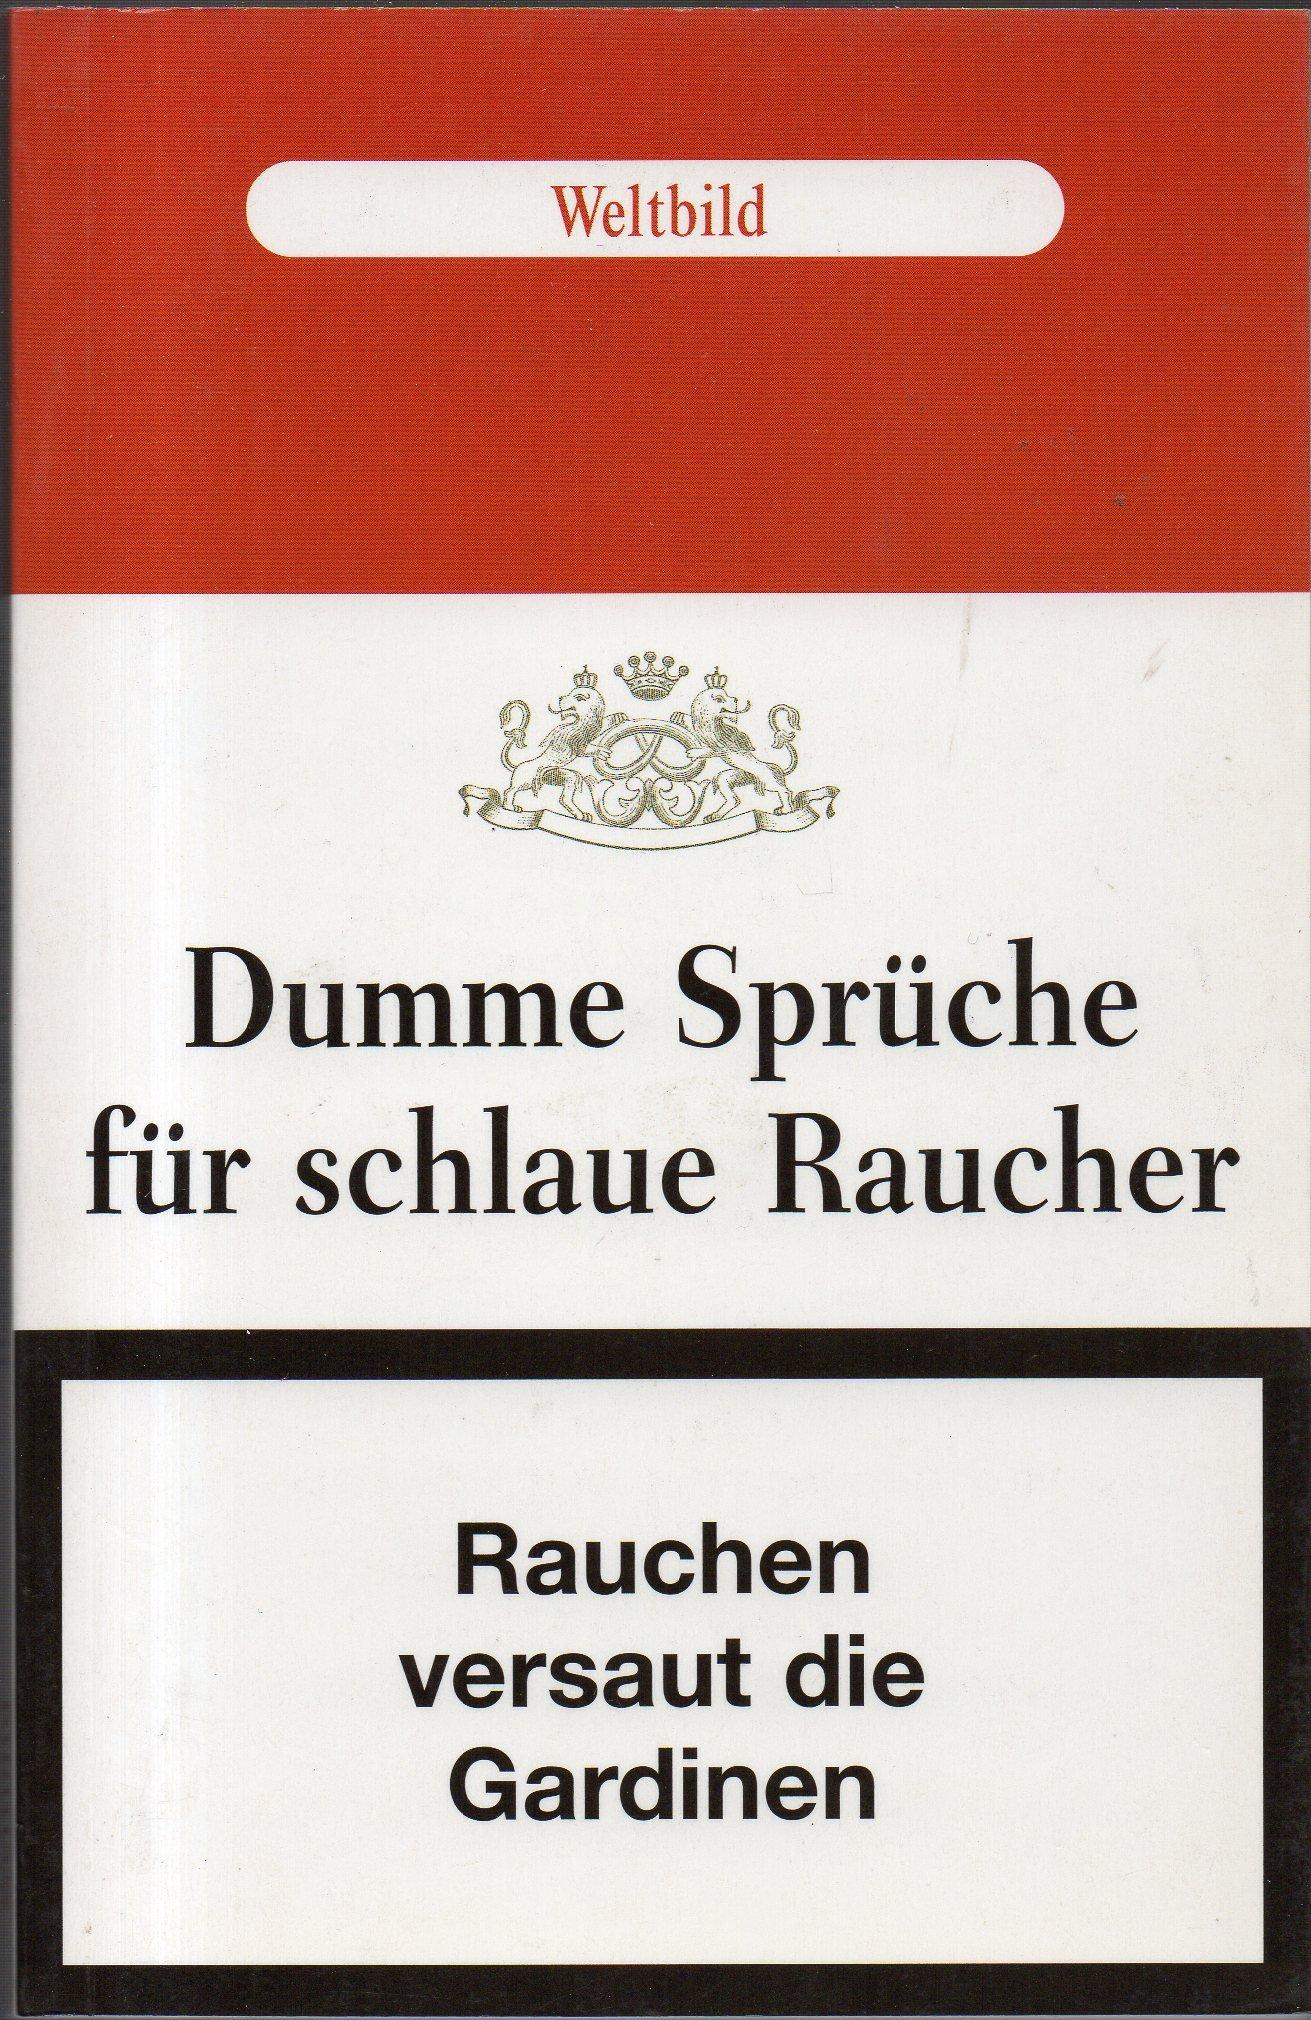 dumme sprüche bilder Dumme Sprueche fuer schlaue Raucher: 9783896049957: Amazon.com: Books dumme sprüche bilder